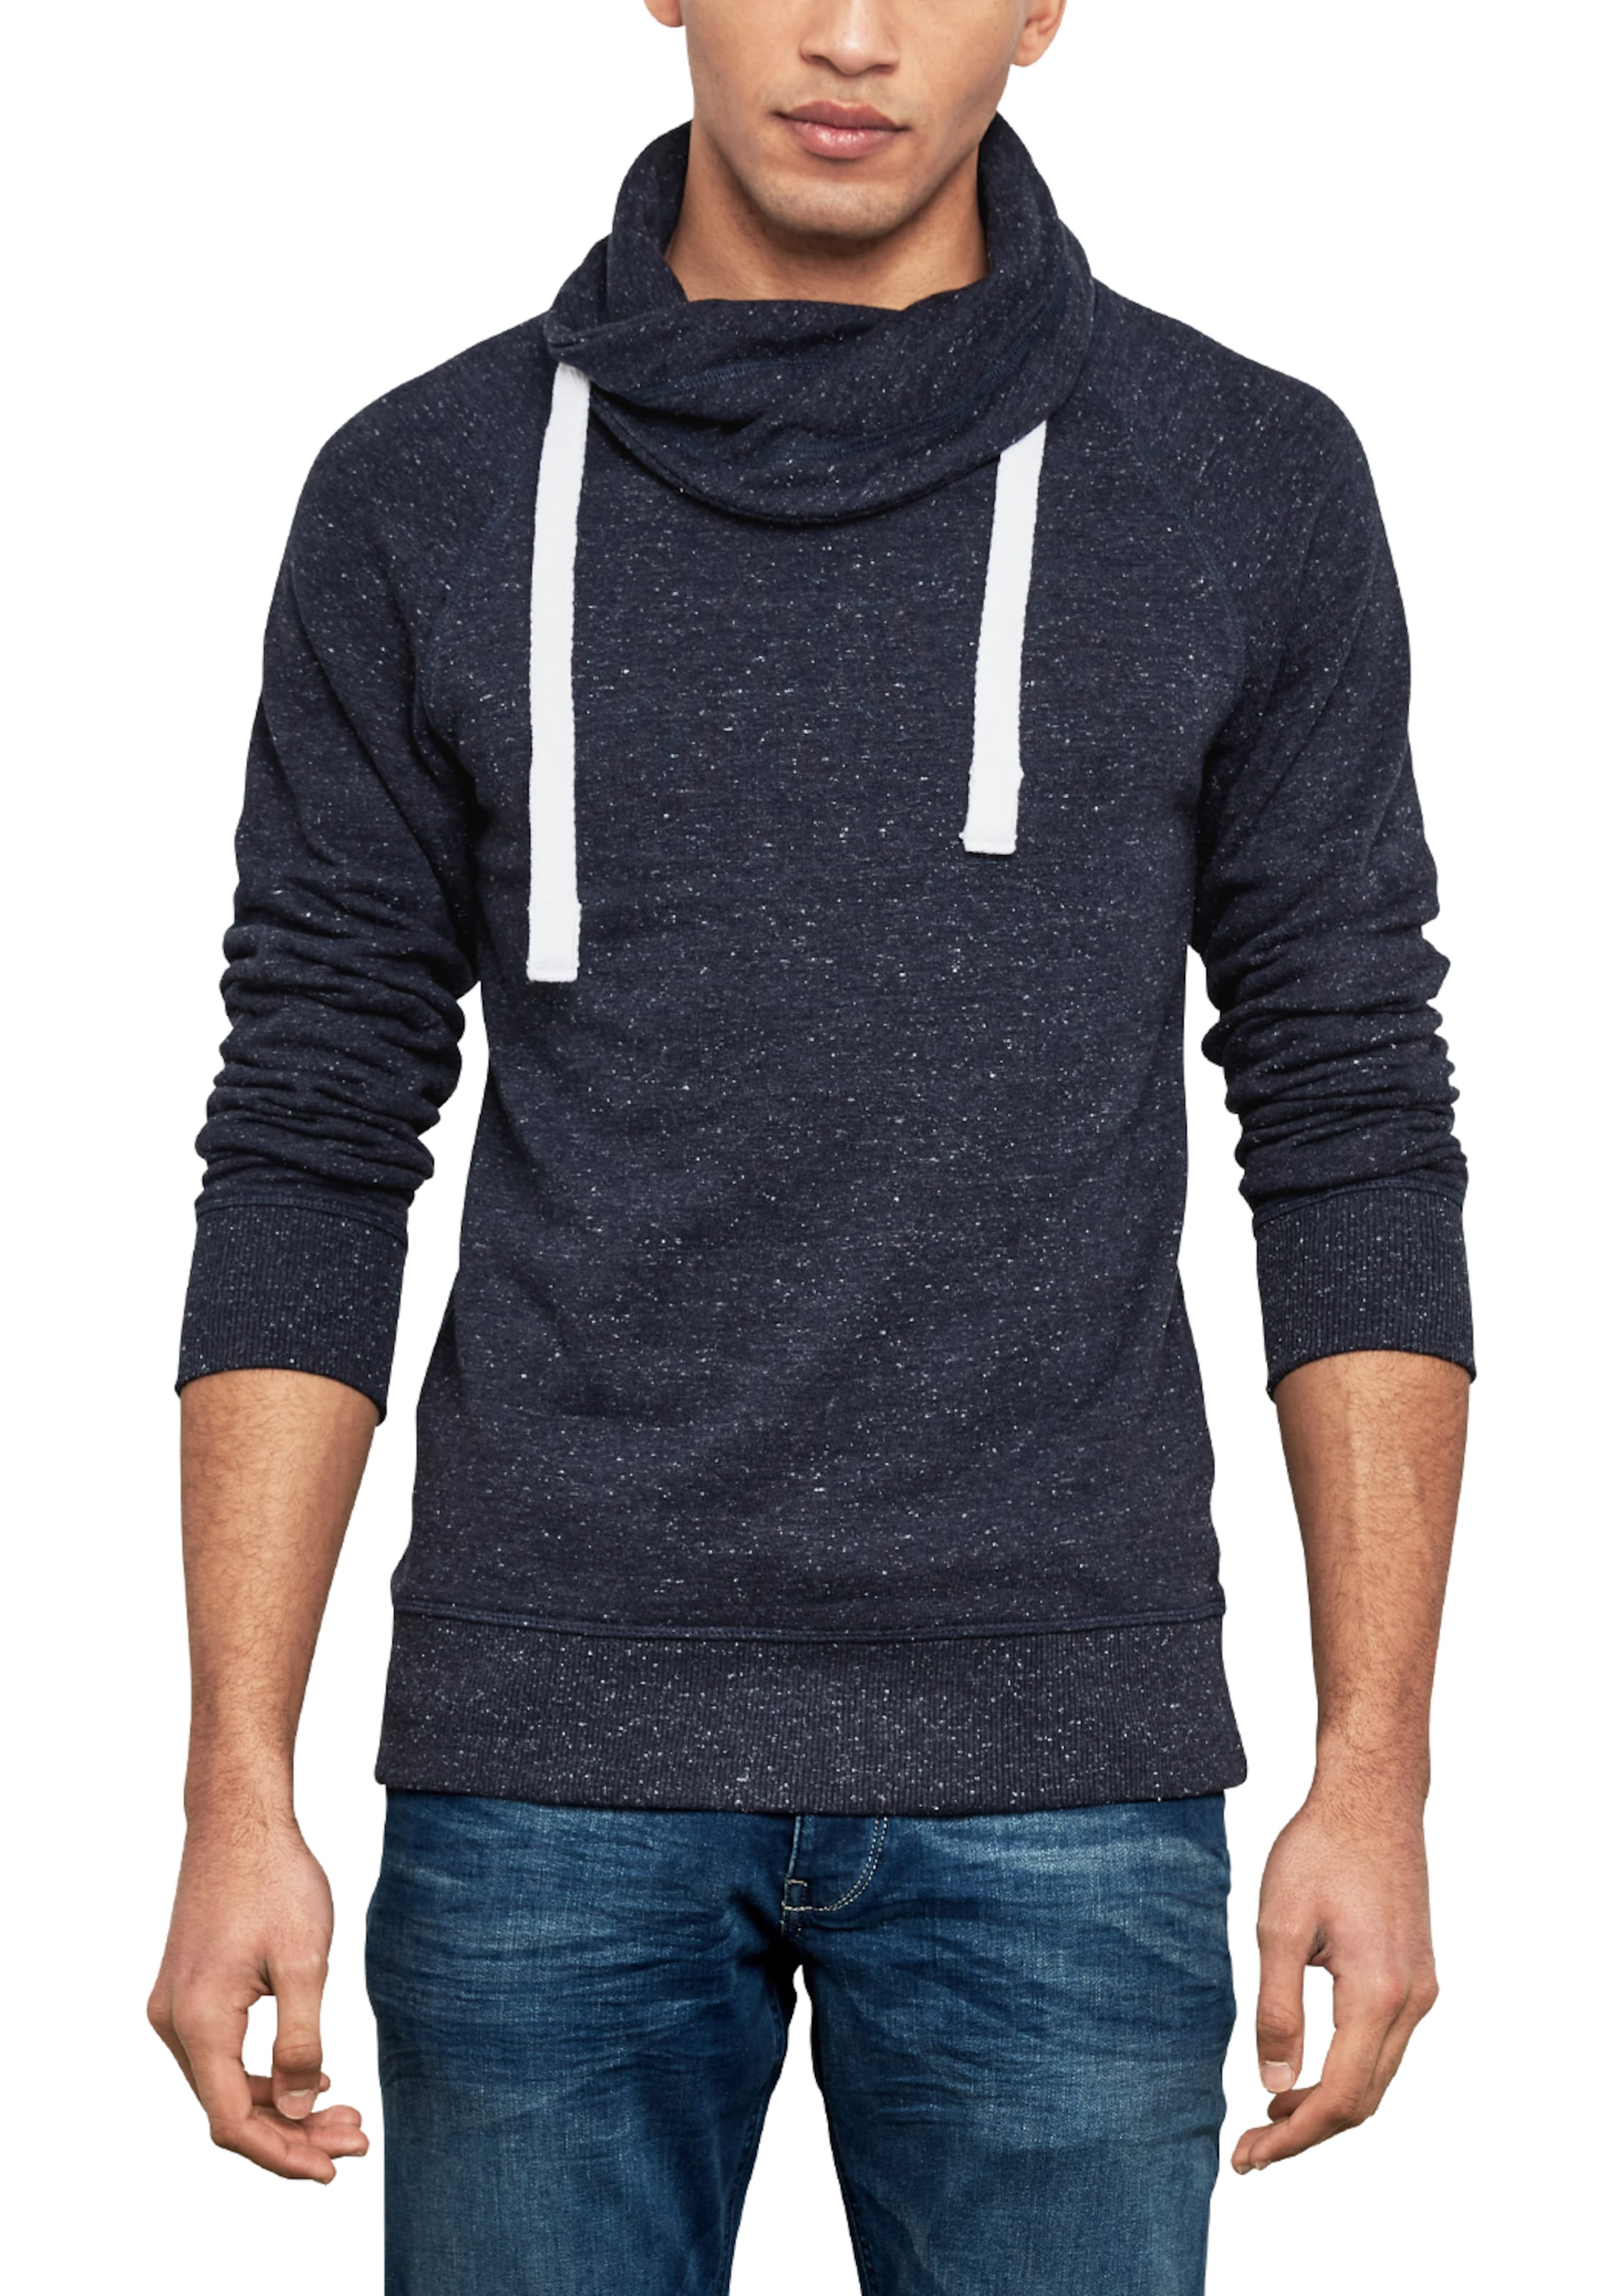 Ausgezeichnet Einkaufen Genießen Q/S designed by Sweater mit Turtleneck Billig Verkauf Footlocker Finish Billig Verkauf Wahl auk0eNKd